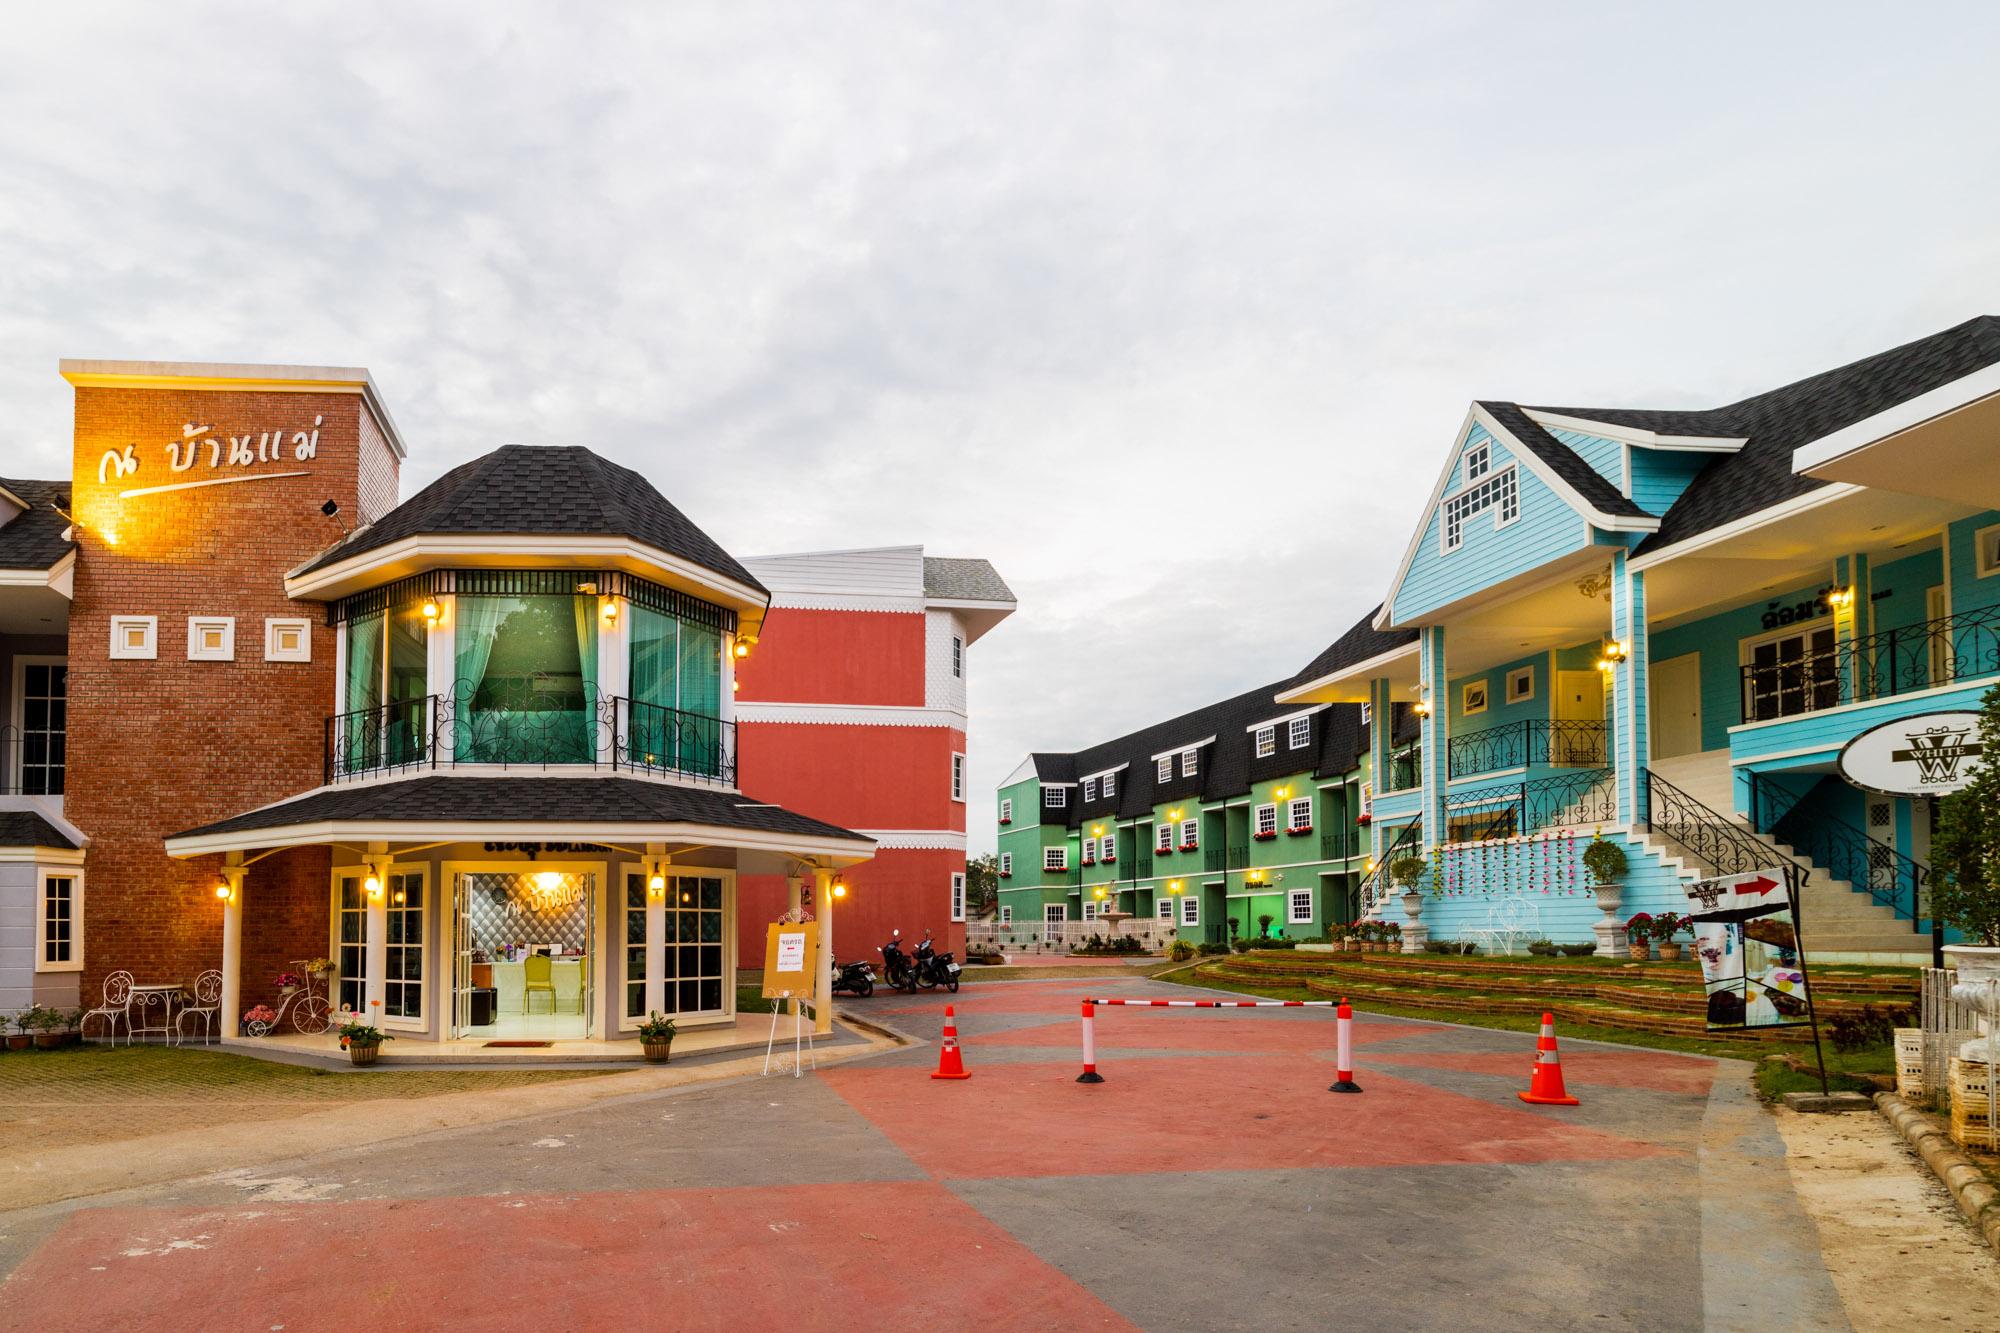 ณ บ้านแม่ รีสอร์ท Nabaanmae resort ลำปาง  ณ บ้านแม่ รีสอร์ท Nabaanmae resort ลำปาง งามสไตล์ยุโรป IMG 3855